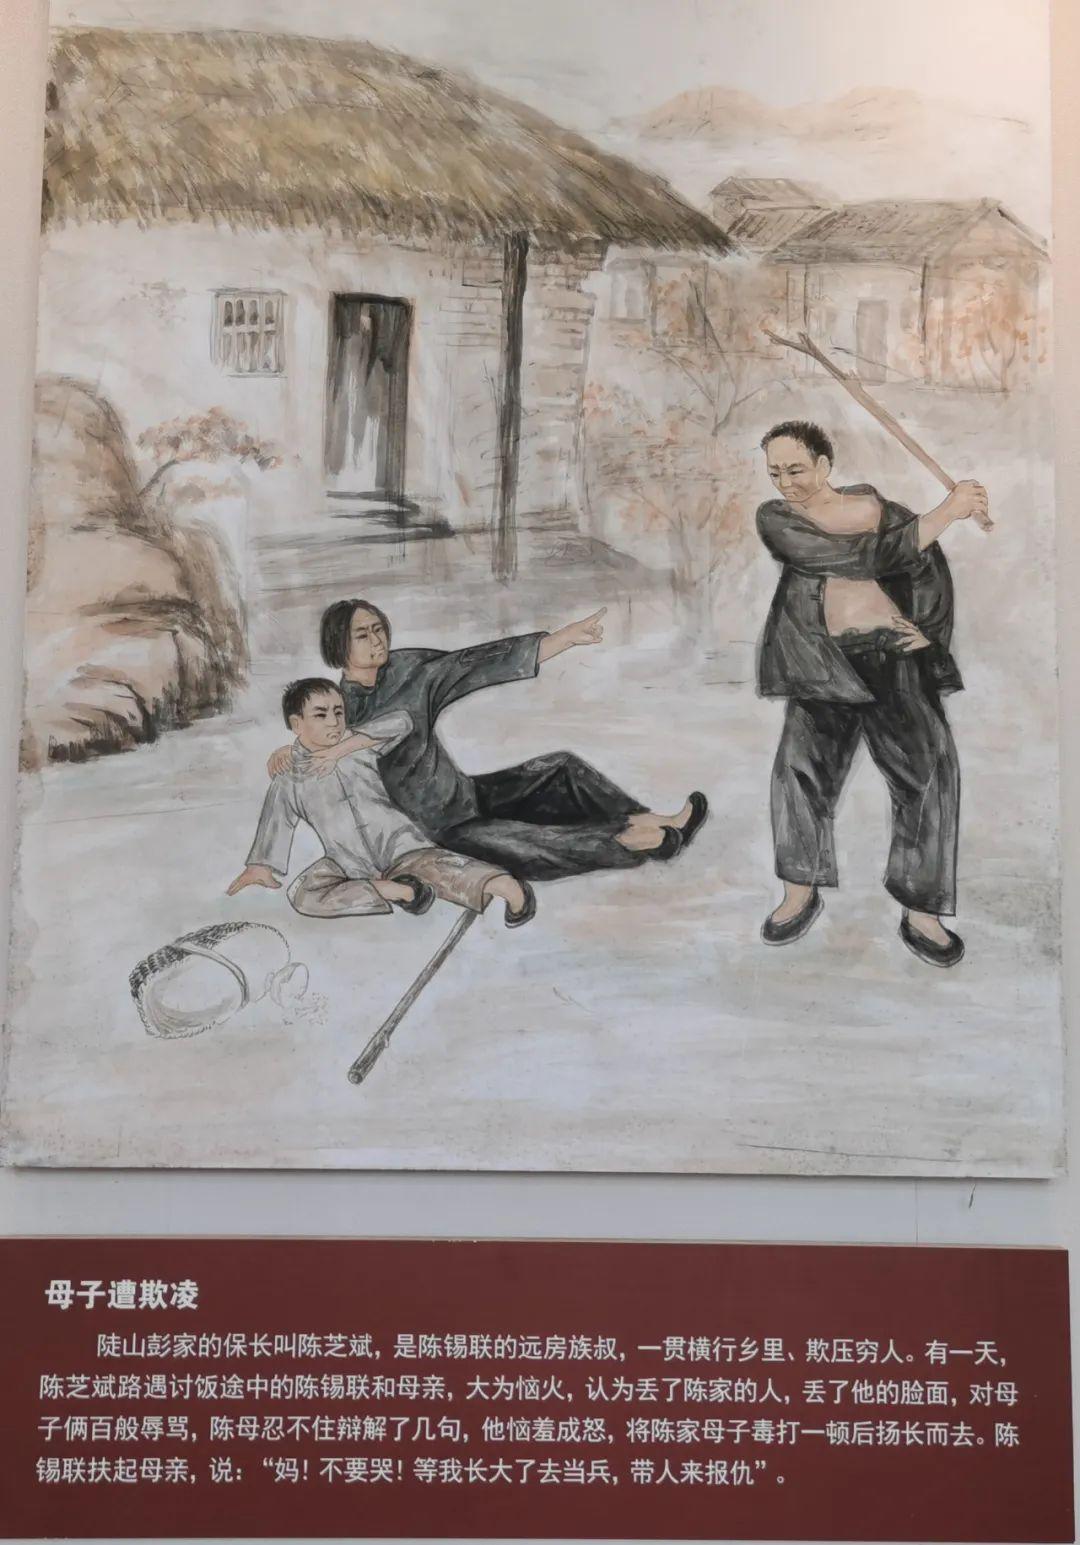 李先念杀了陈锡联的叔叔,多年后陈锡联说,你为我家报了仇